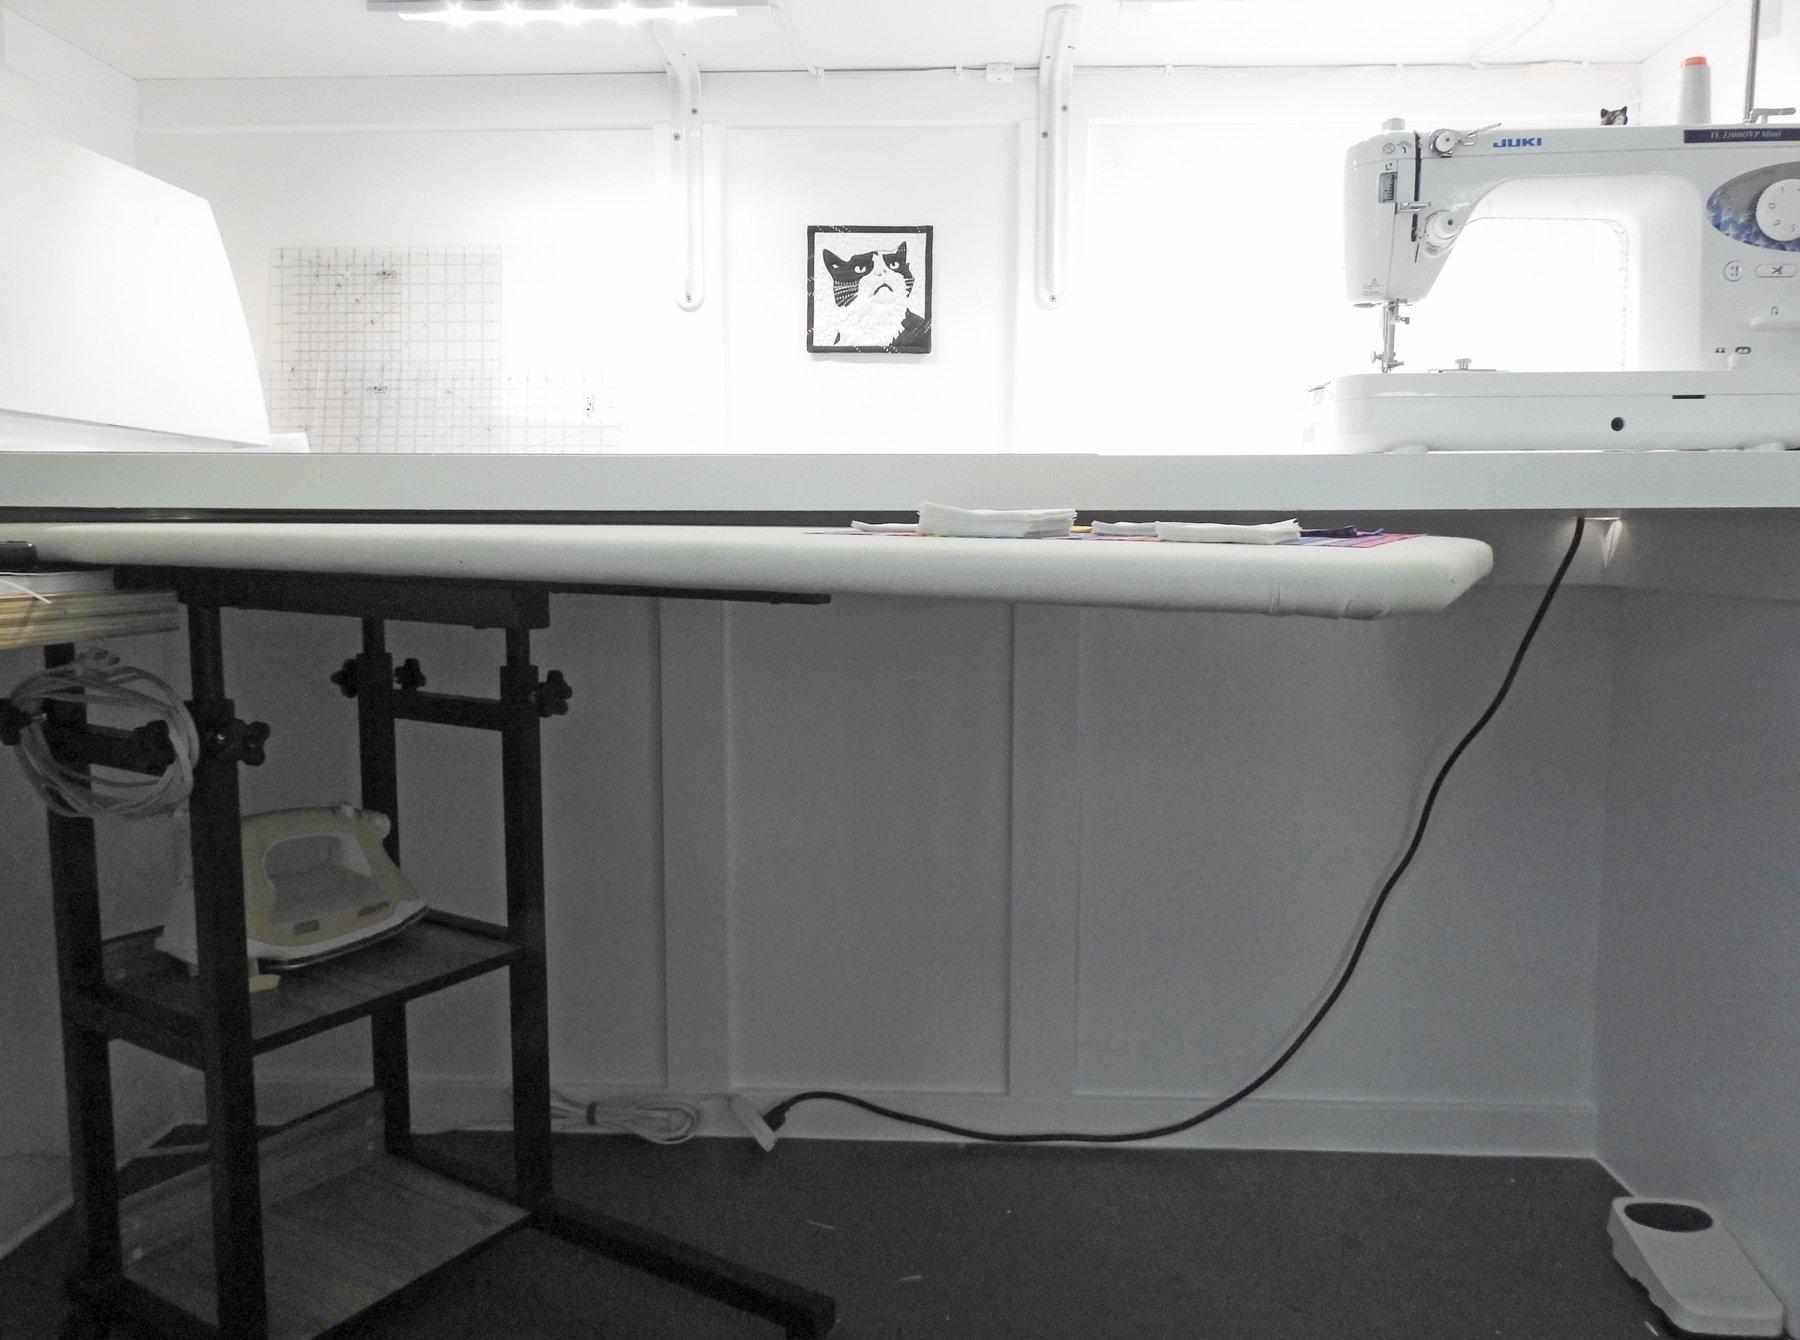 Nesting Ironing Table